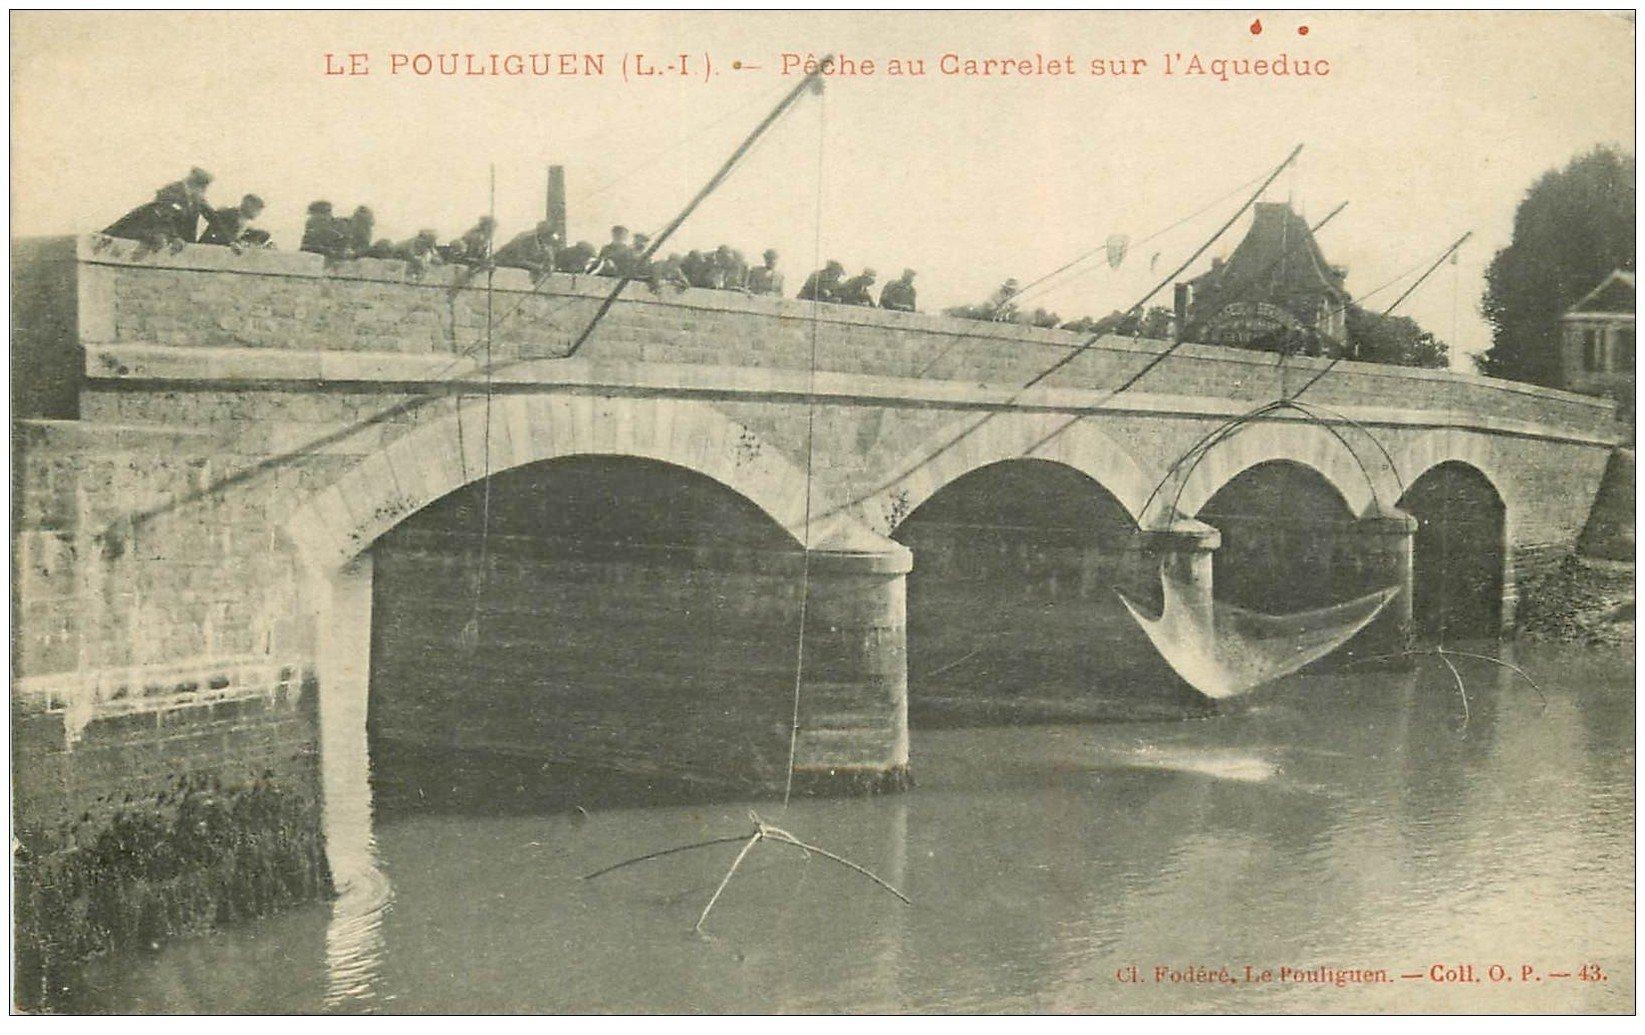 carte postale ancienne 44 LE POULIGUEN. Pêche au Carrelet sur l'Aqueduc